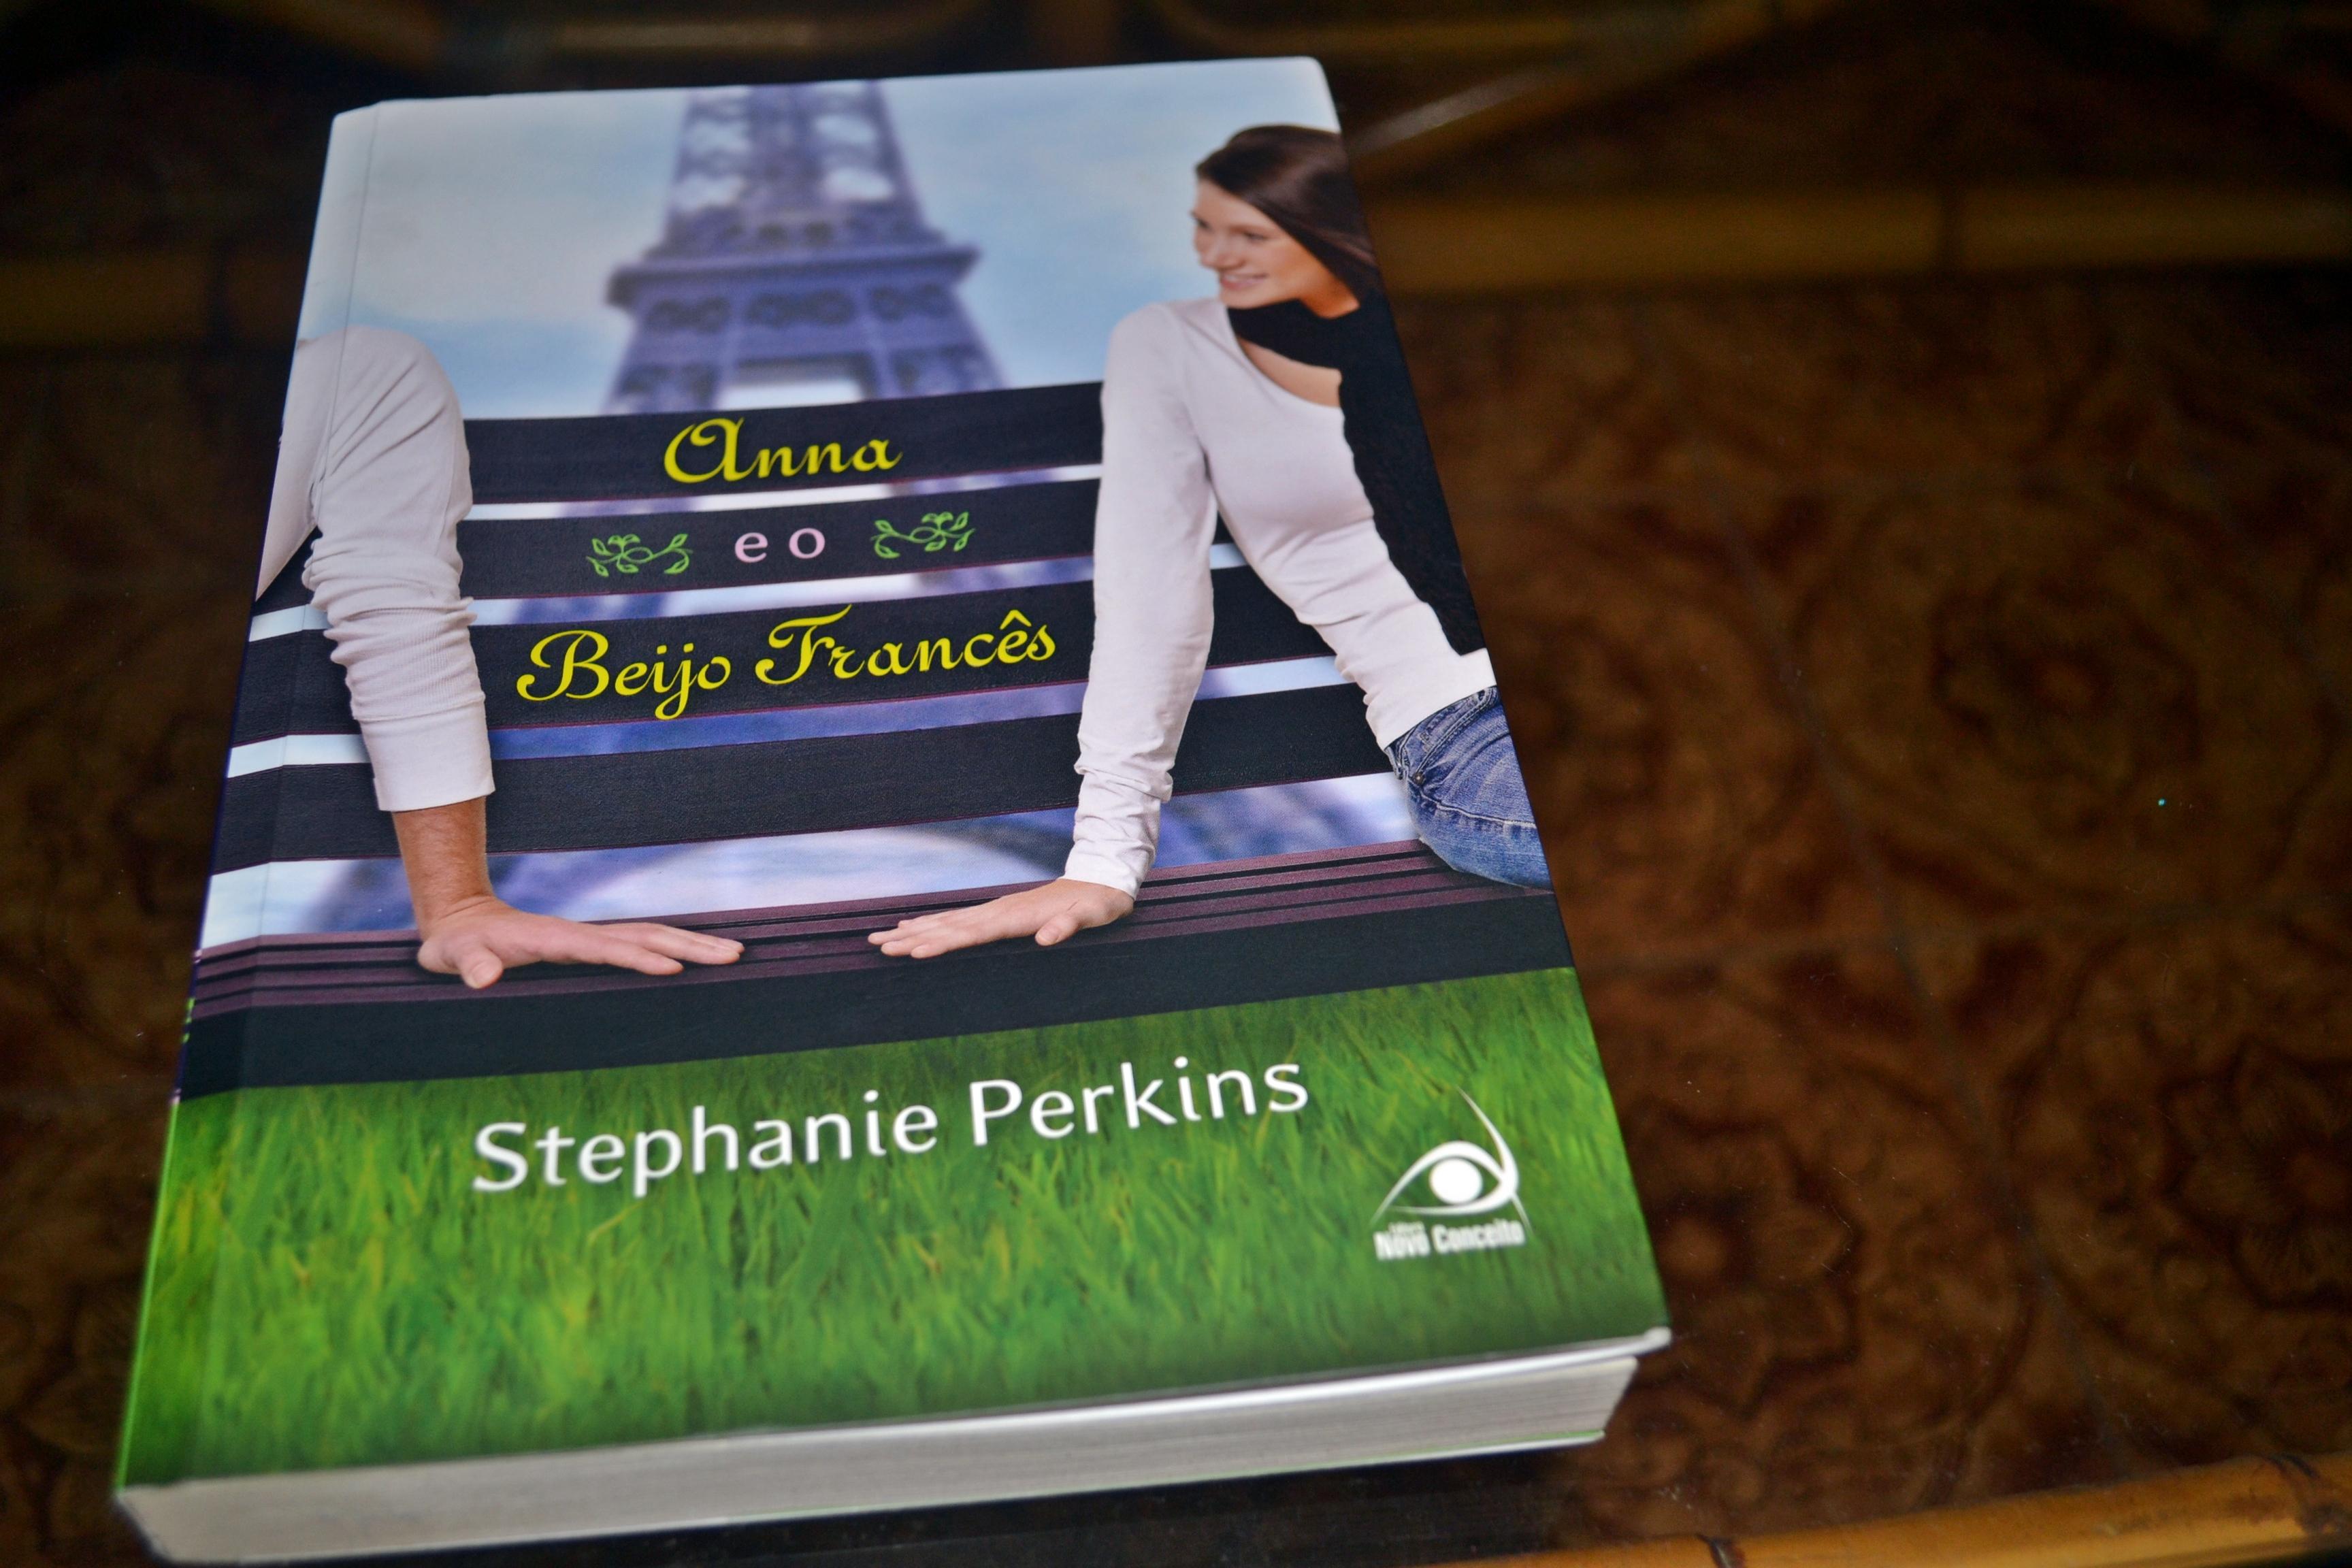 Anna e o Beijo Francês Psycho Reader #693D18 3456 2304